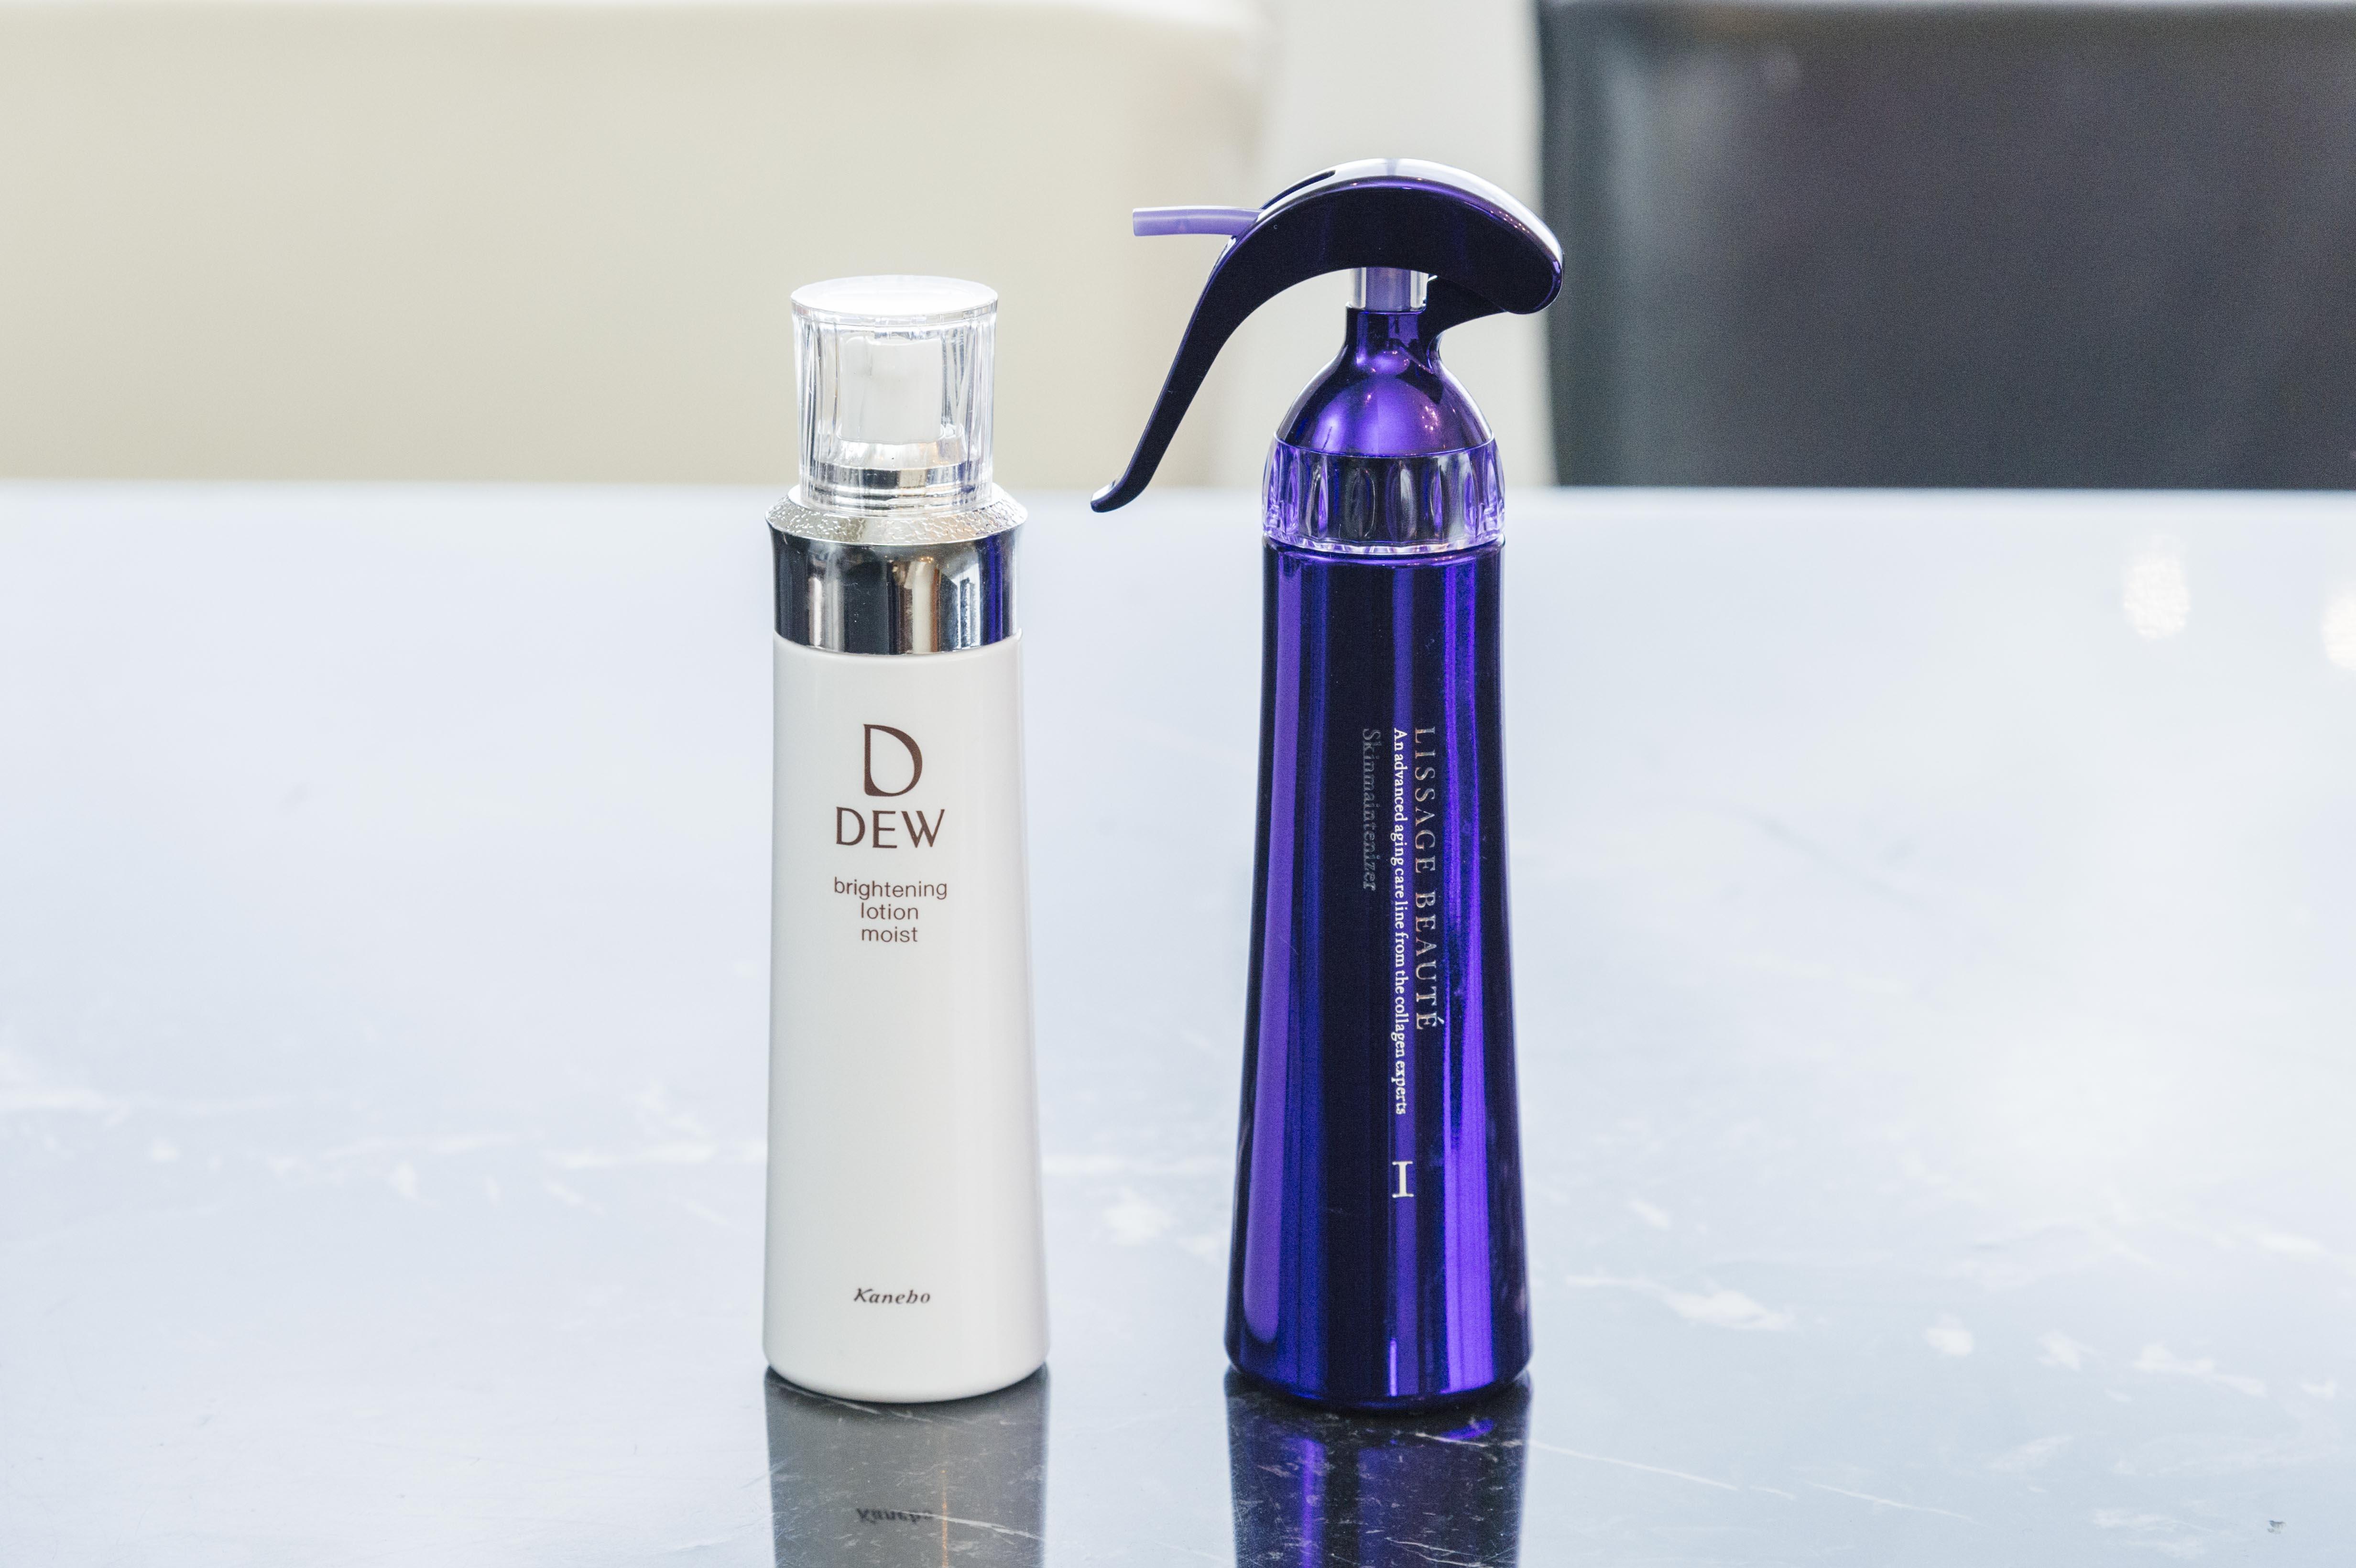 黒田さんお気に入りの化粧水2品。(左)スプレータイプの『リサージ ボーテ スキンメインテナイザー』。(右)『DEWブライトニングローション』は、さっぱり・しっとり・とてもしっとりの3タイプがある。そのはたらきの速さが黒田さんのお気に入りポイント。